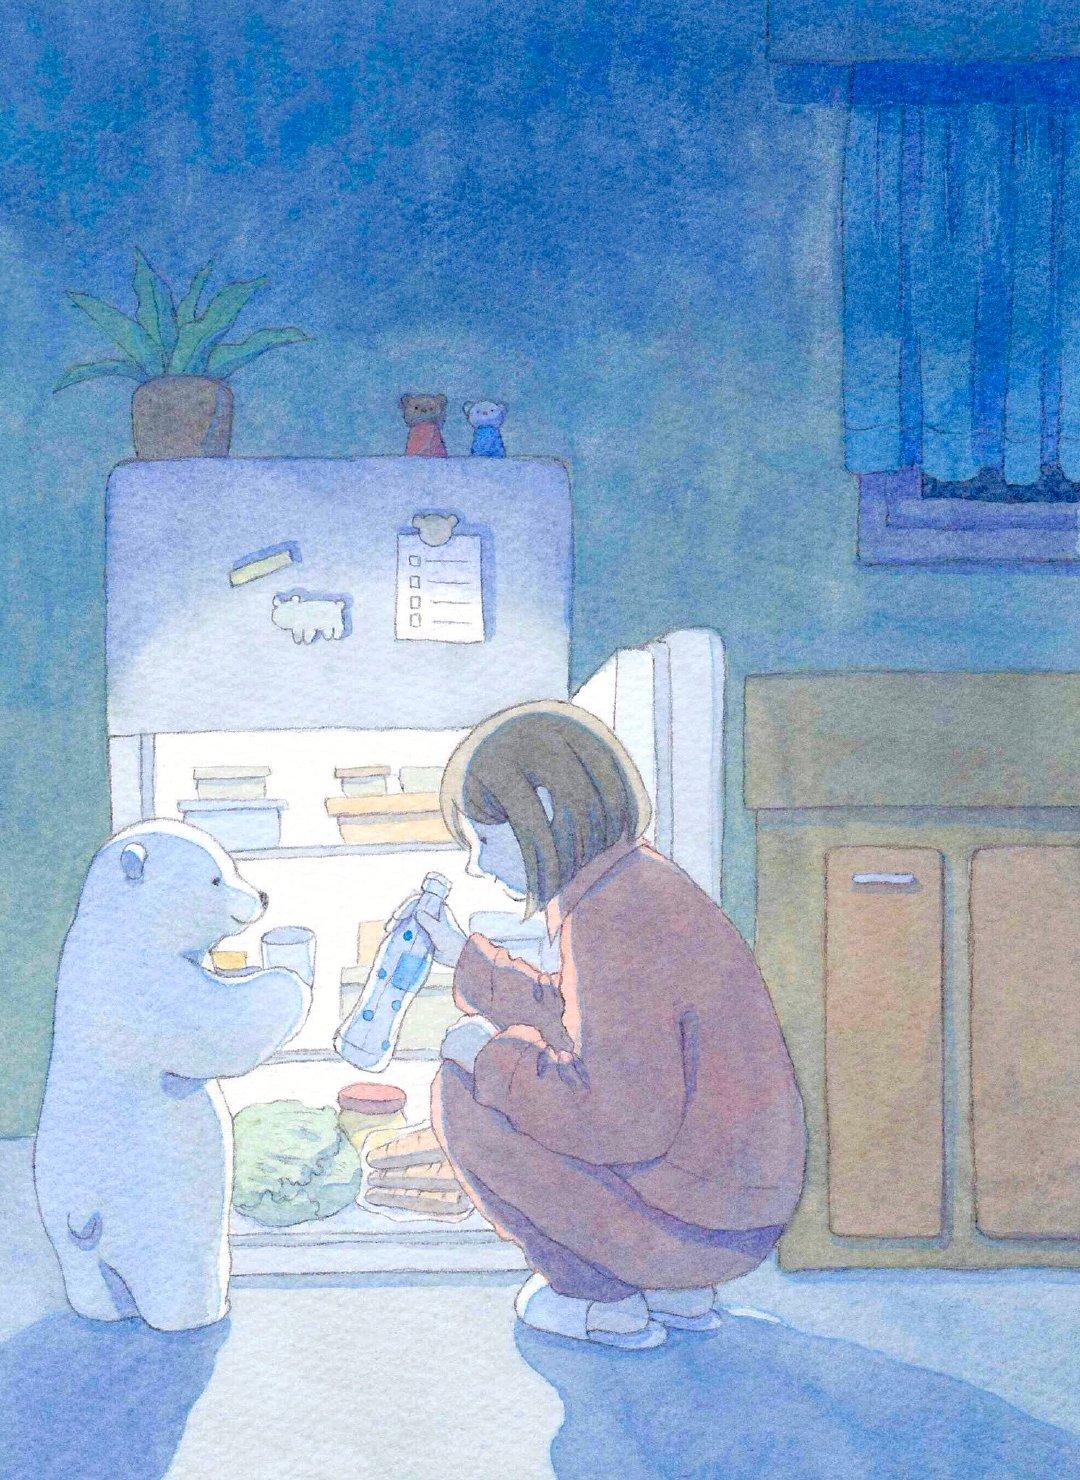 和白熊做朋友吧~画师:しろさめ 插